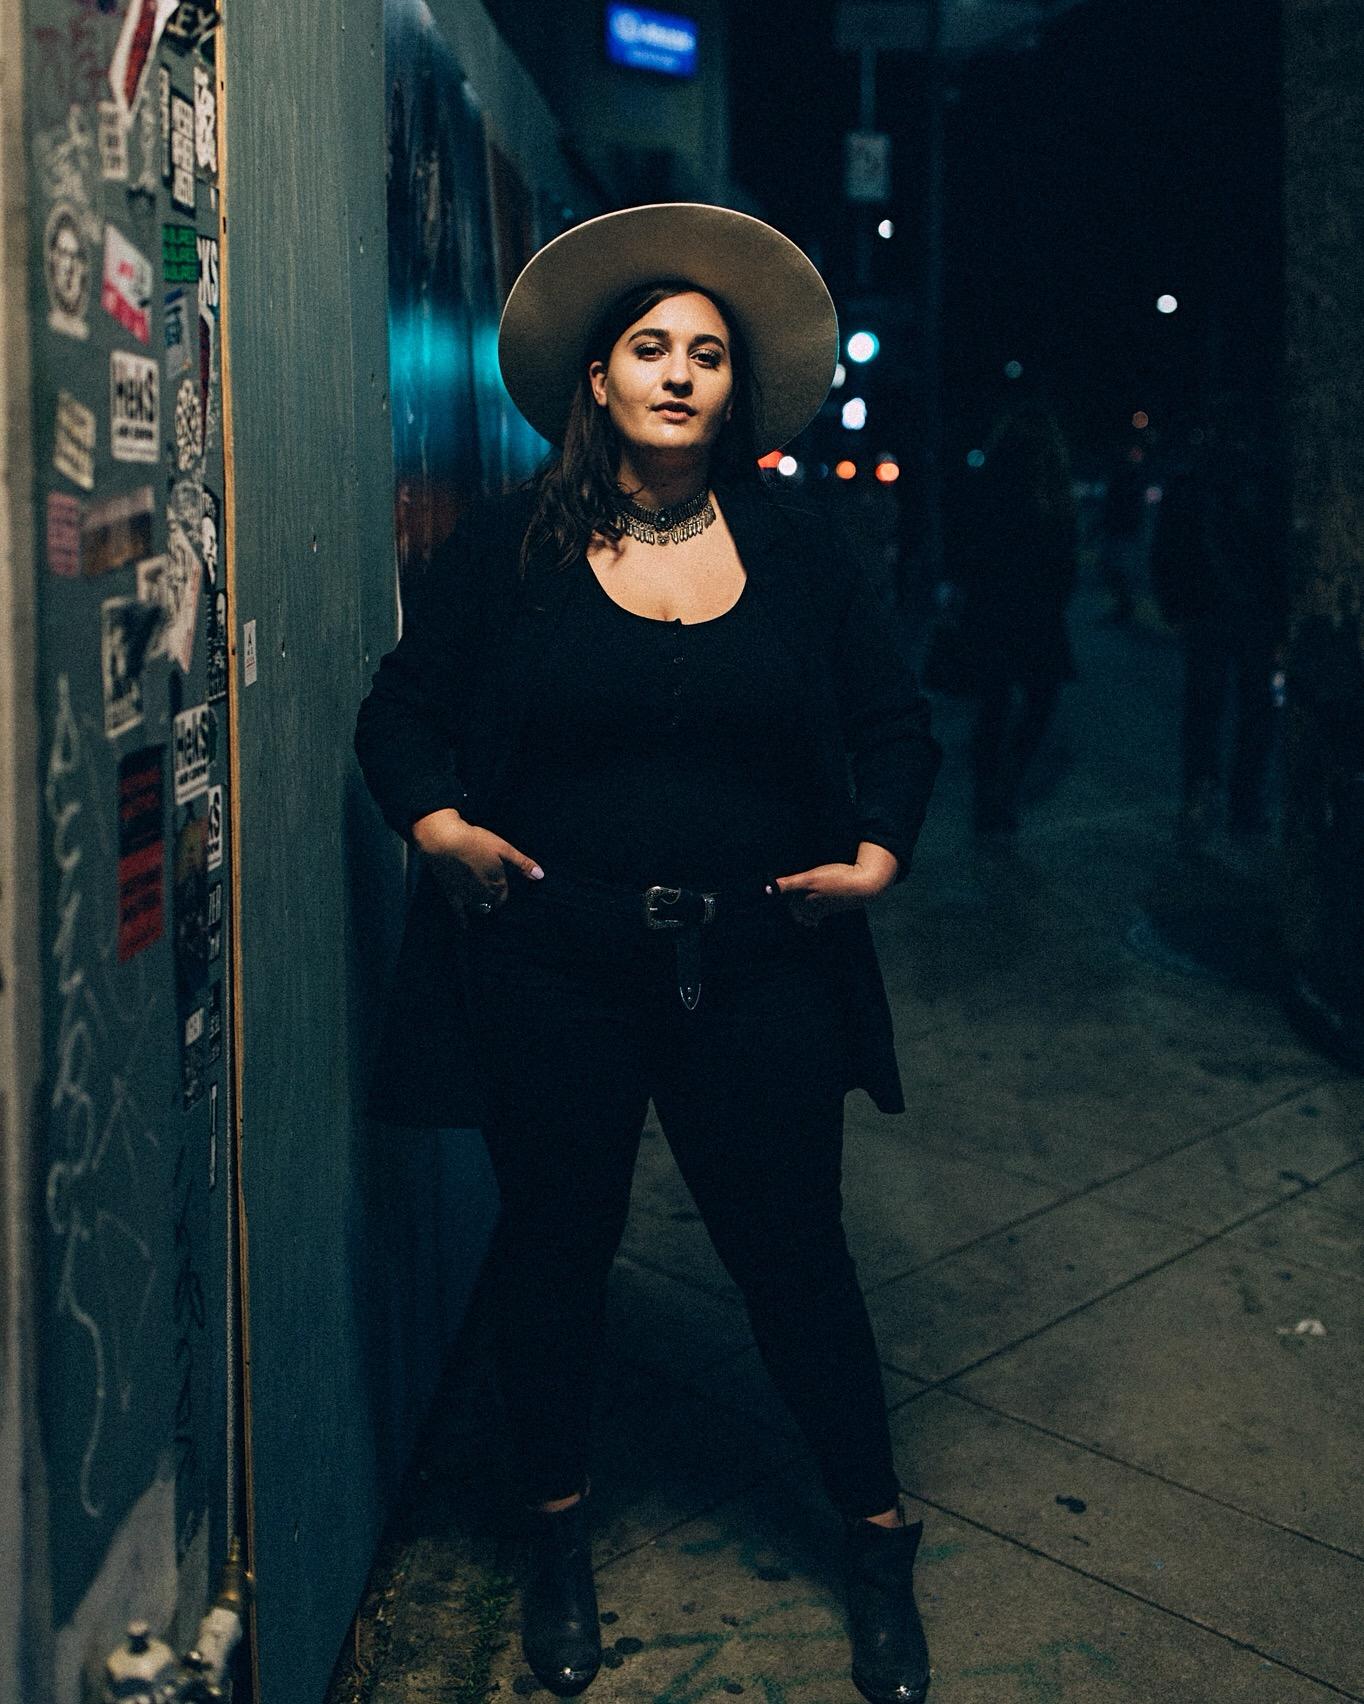 Photo by Lauren Sepulveda